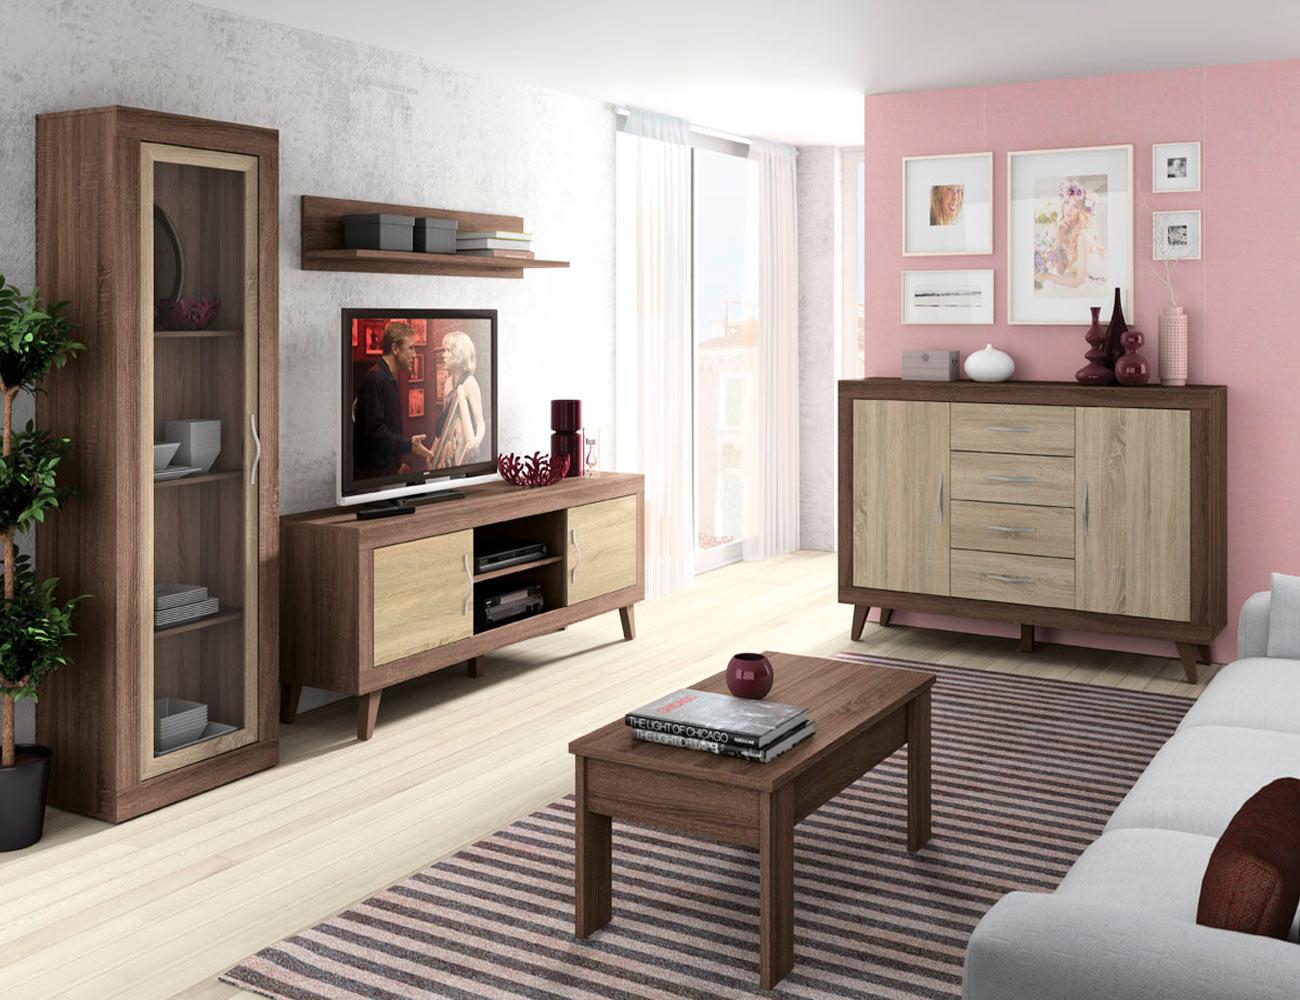 168 mueble salon comedor vitrina bajo tv mesa centro britannia cambrian